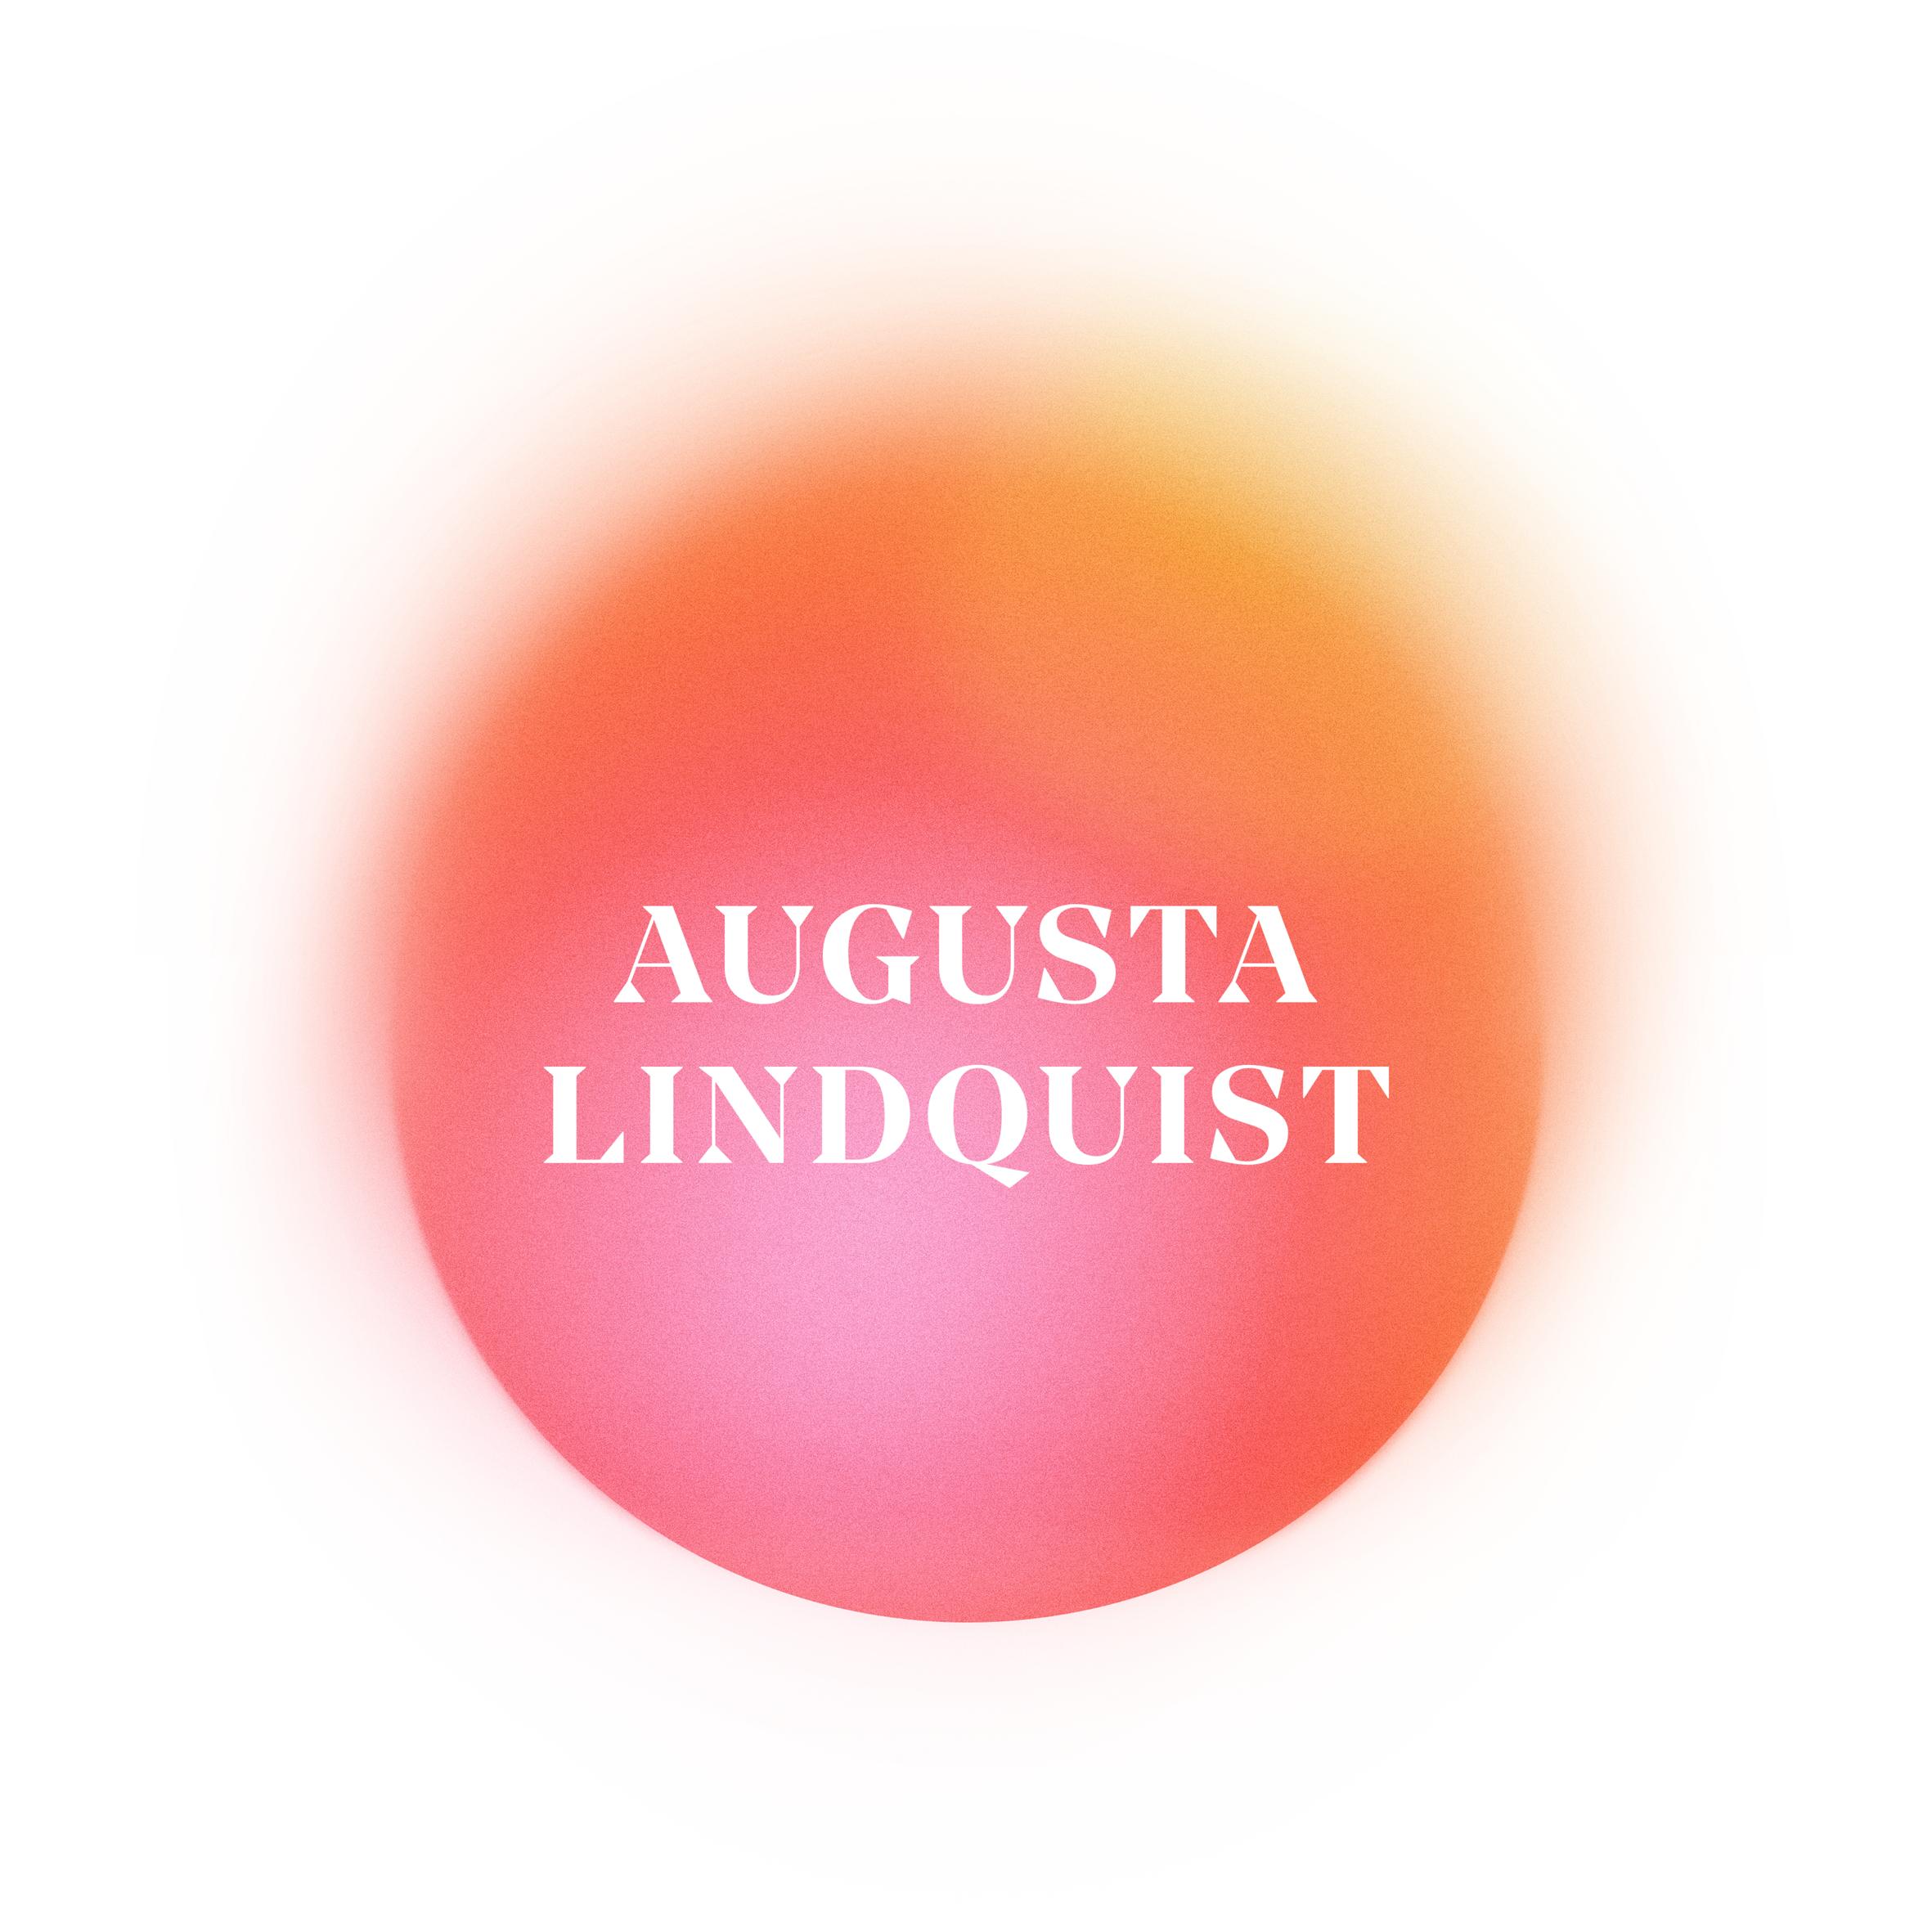 Augusta Lindquist